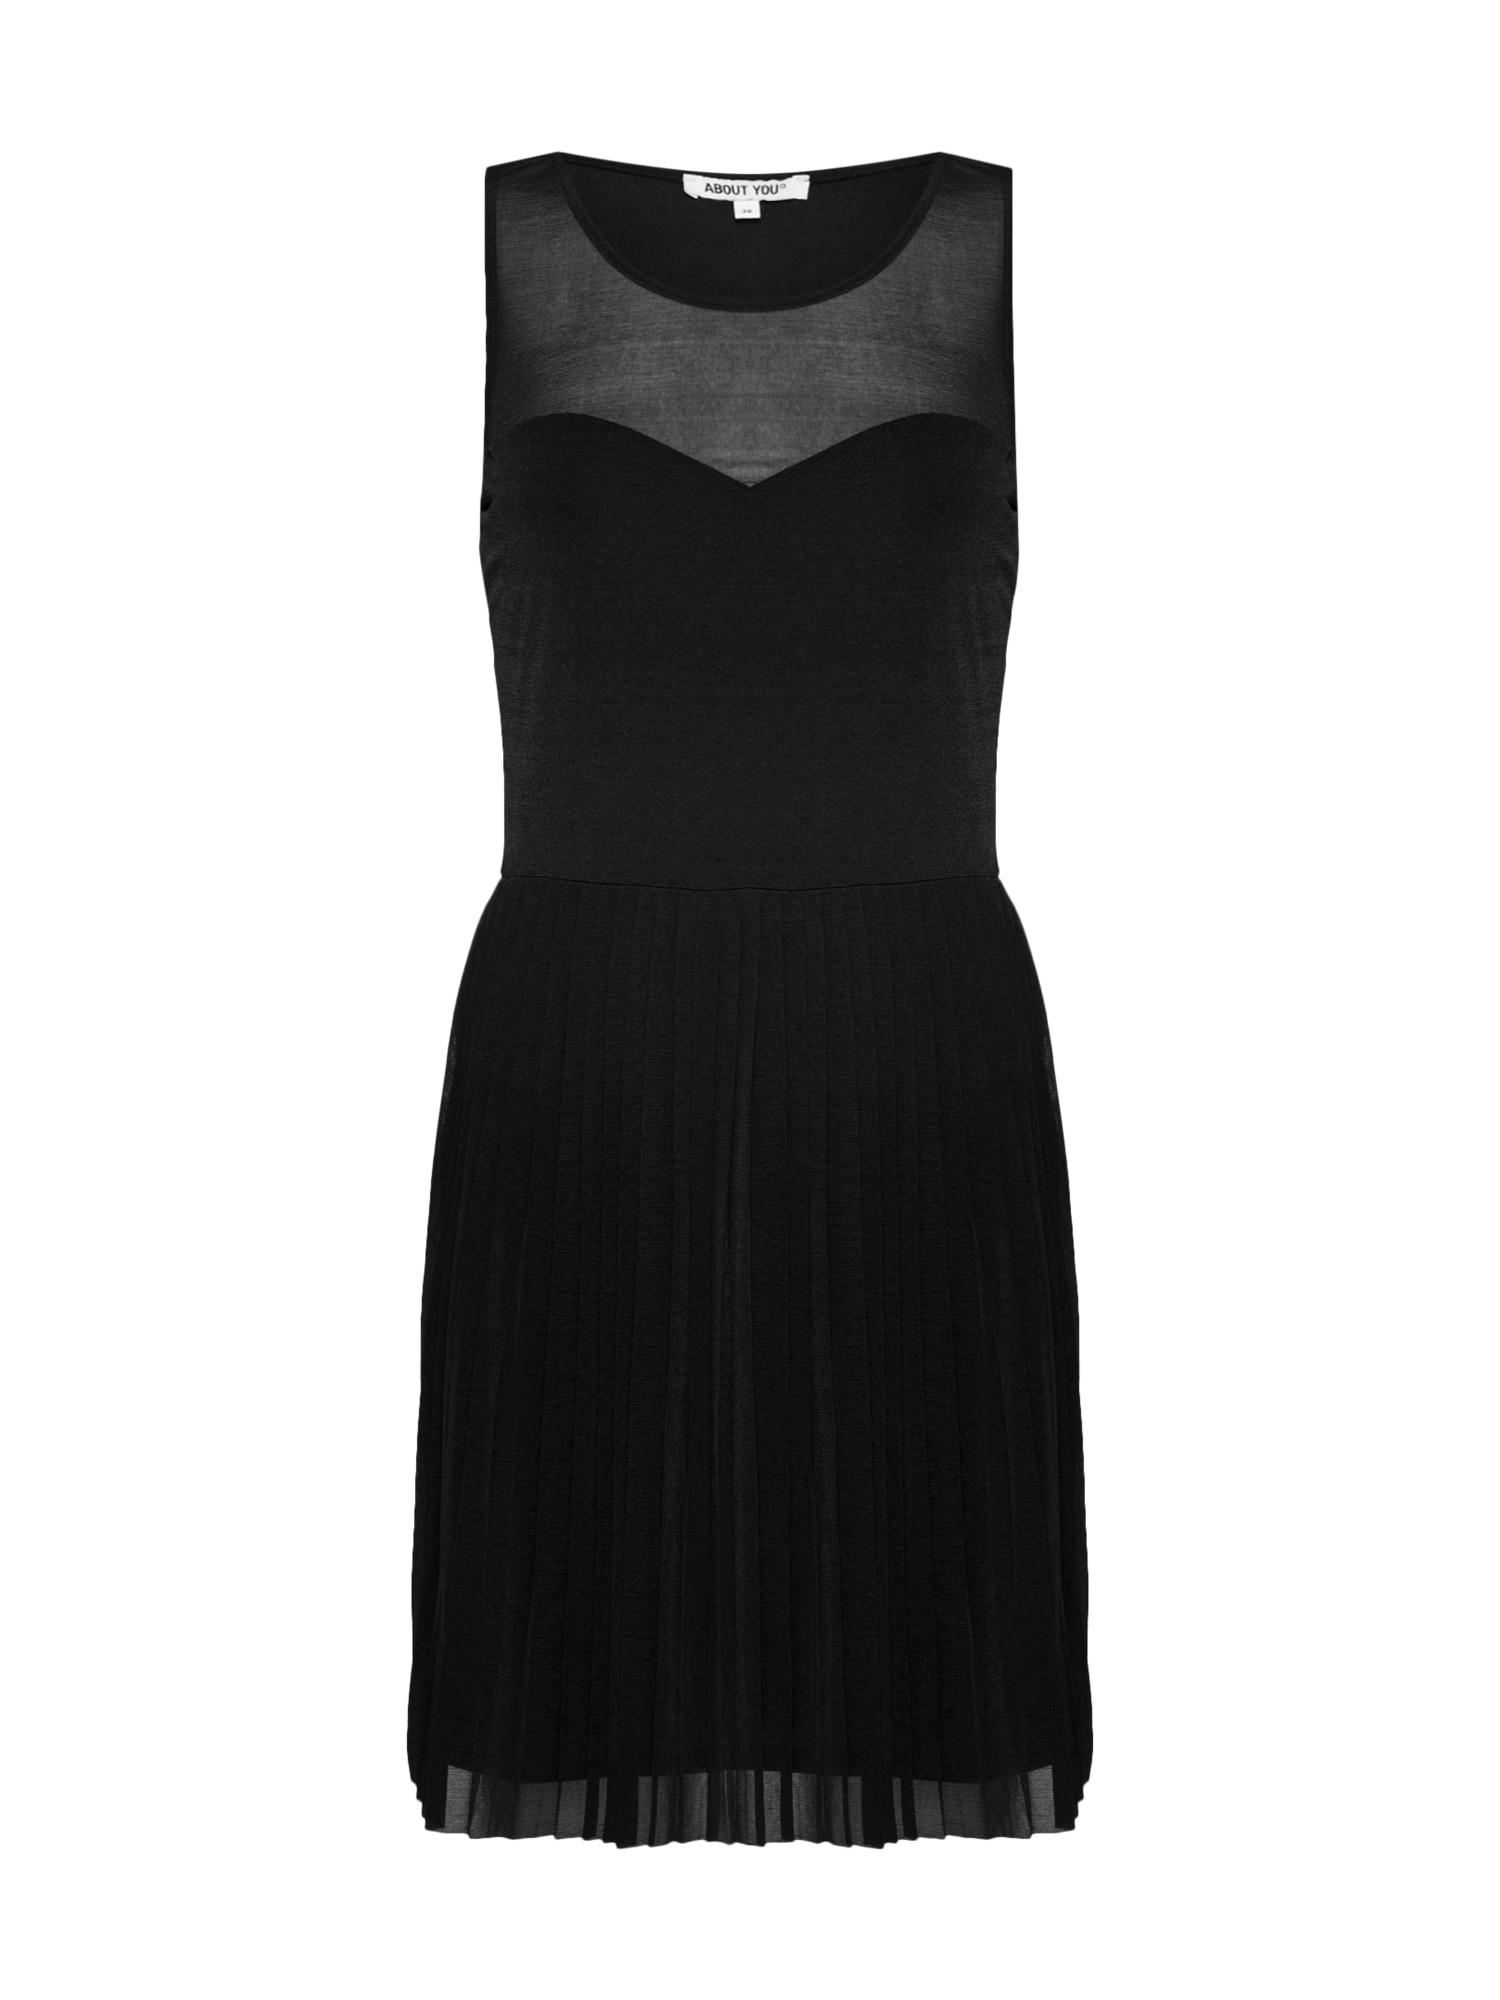 Šaty Linea černá ABOUT YOU